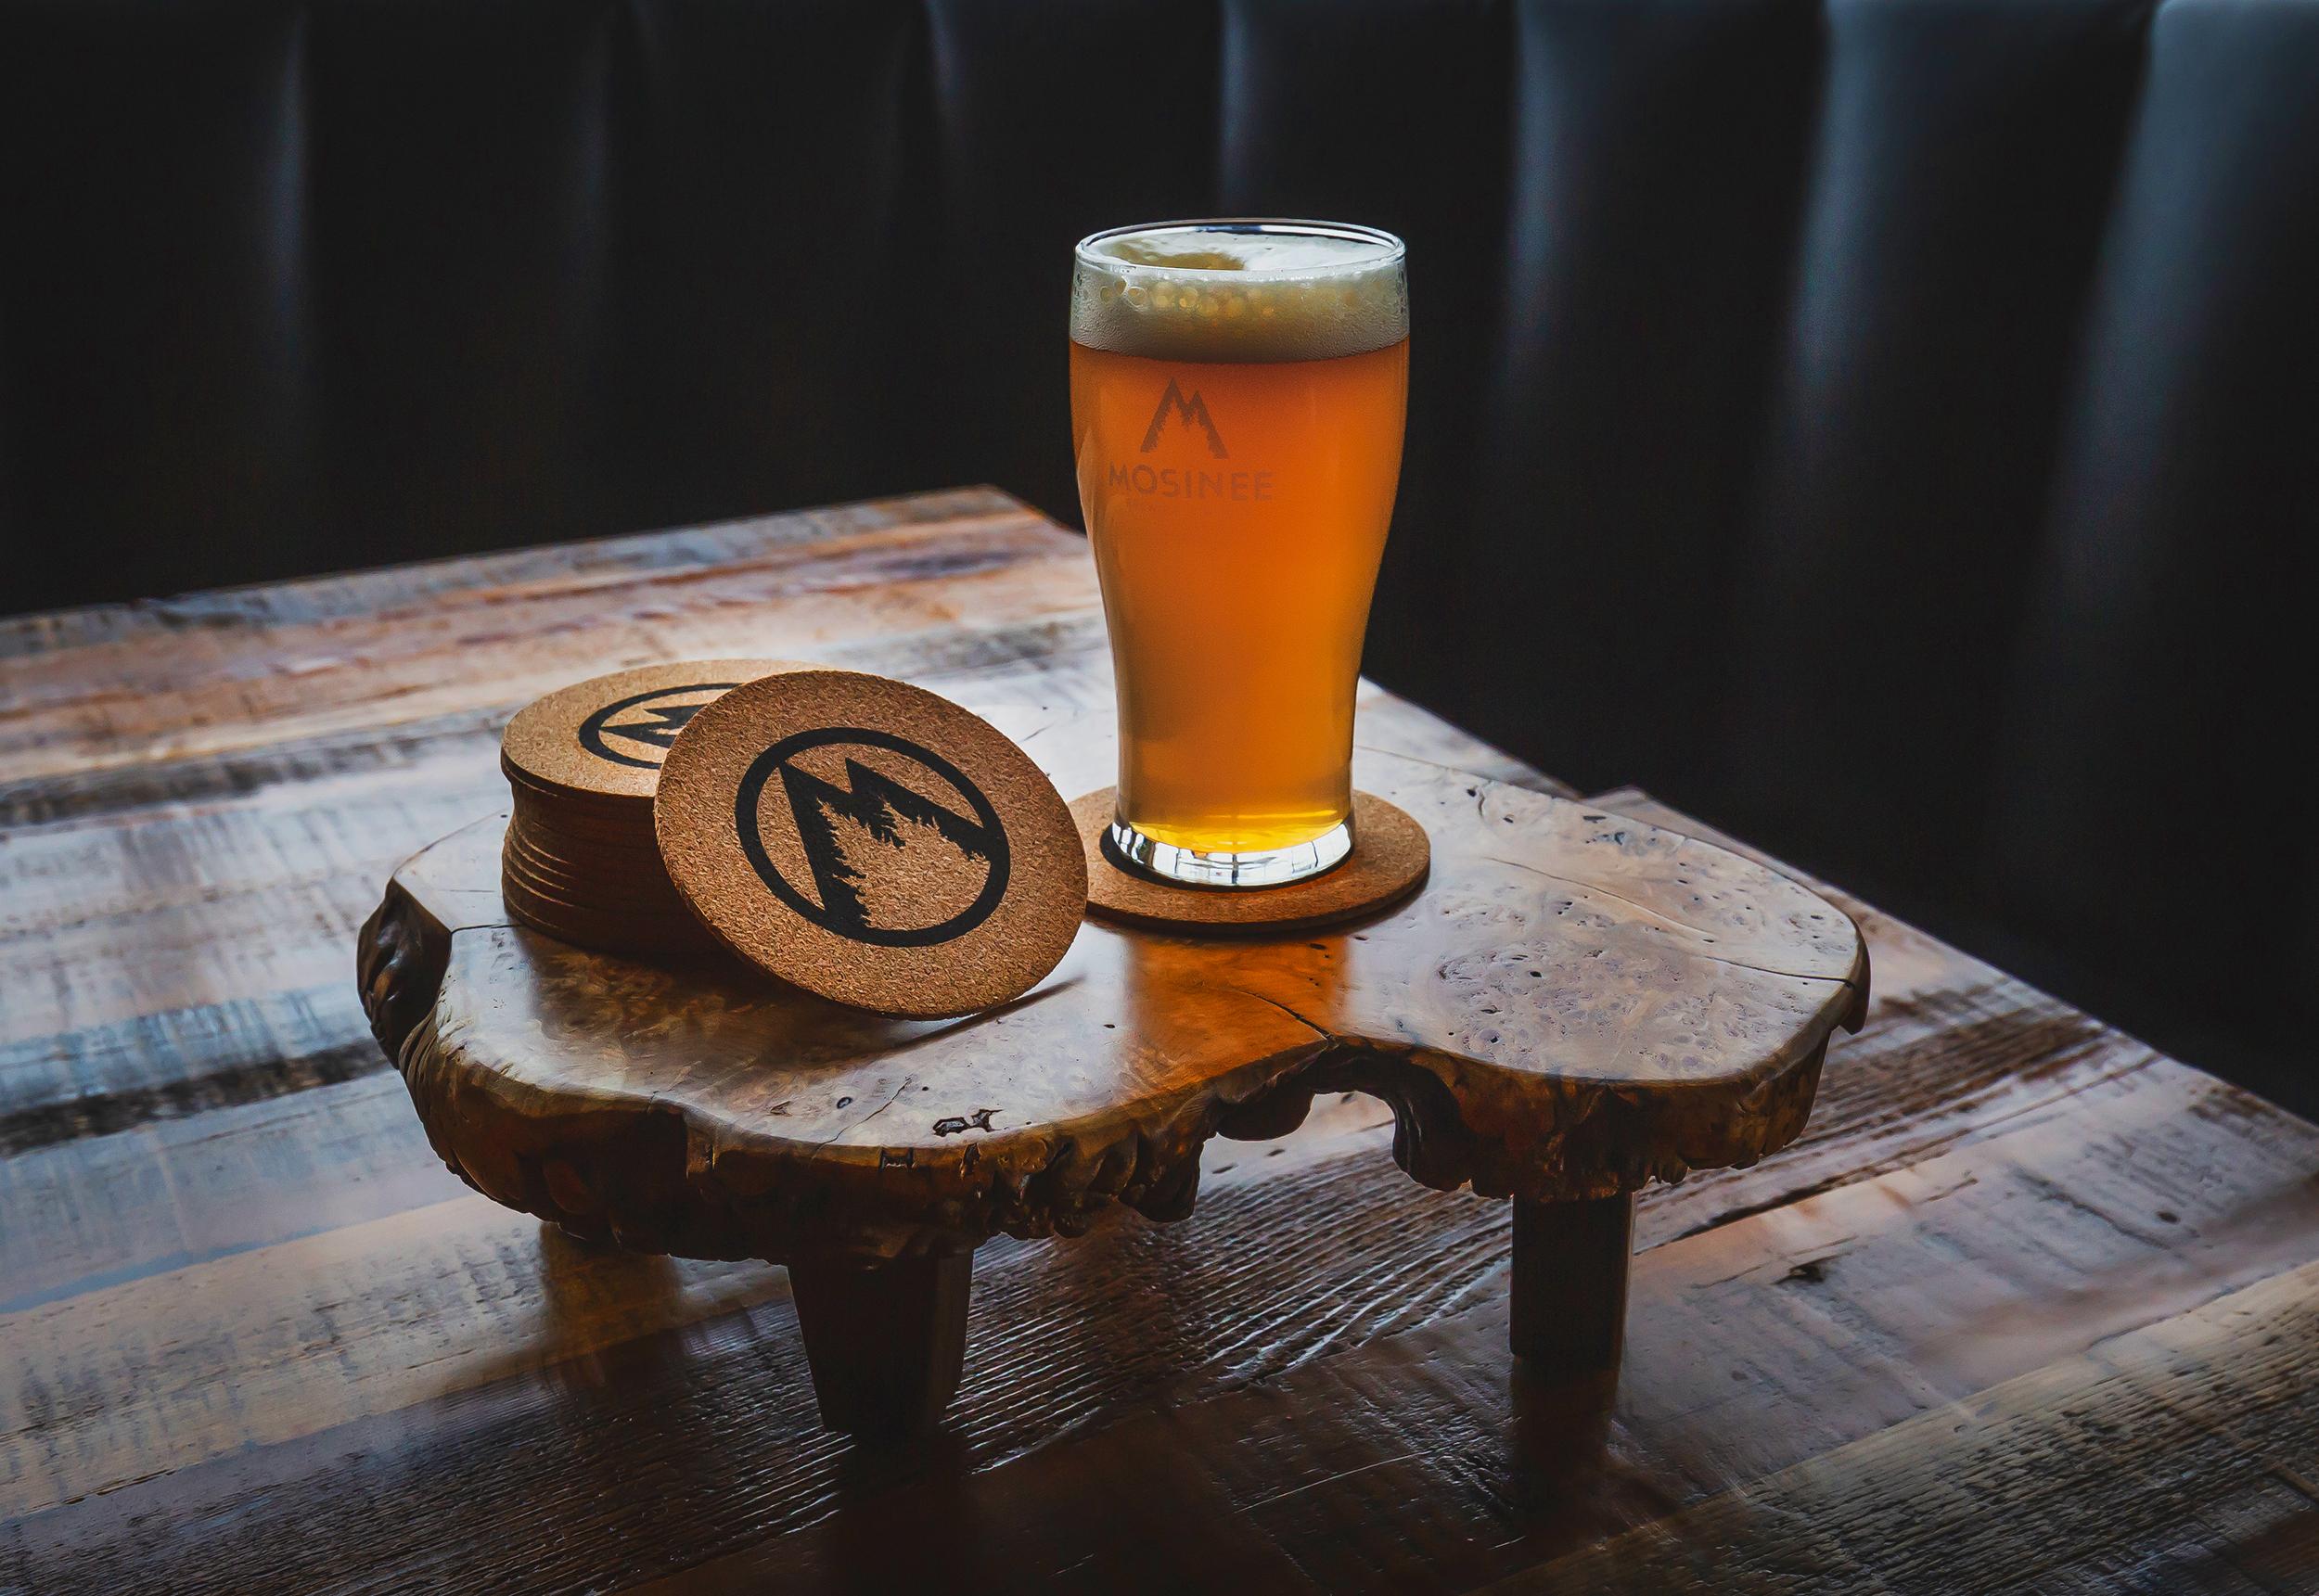 mbco-beer-coaster.jpg